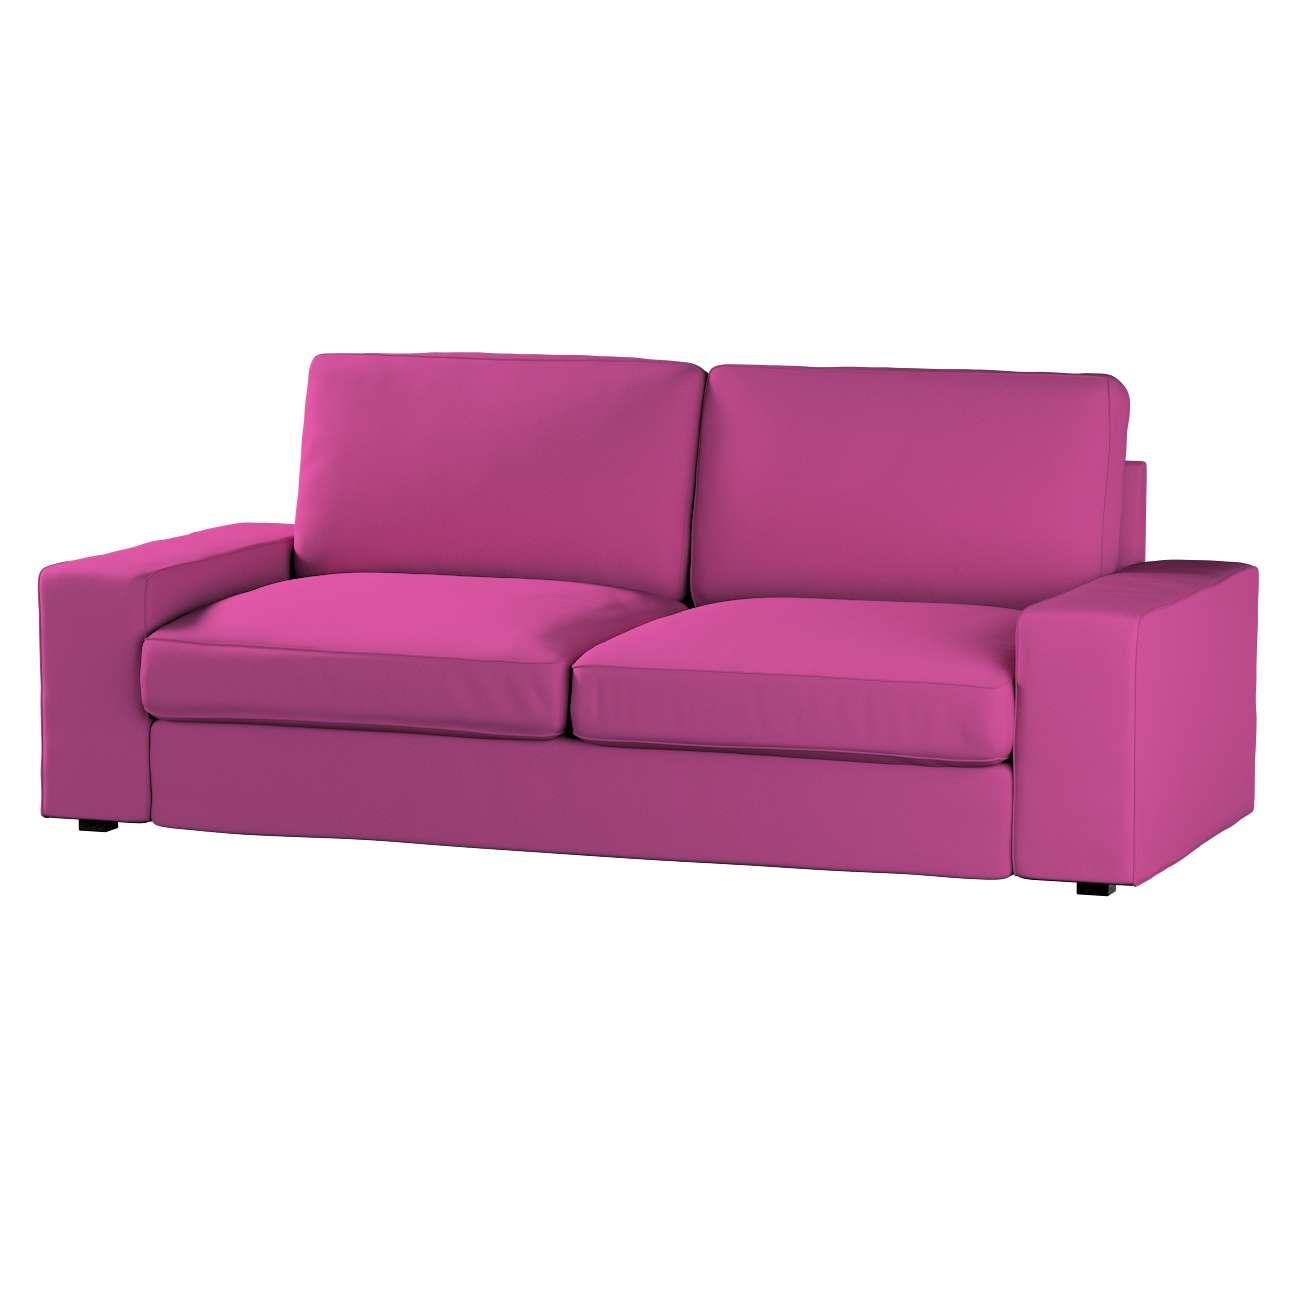 Pokrowiec na sofę Kivik 3-osobową, nierozkładaną Sofa Kivik 3-osobowa nierozkładana w kolekcji Etna , tkanina: 705-23